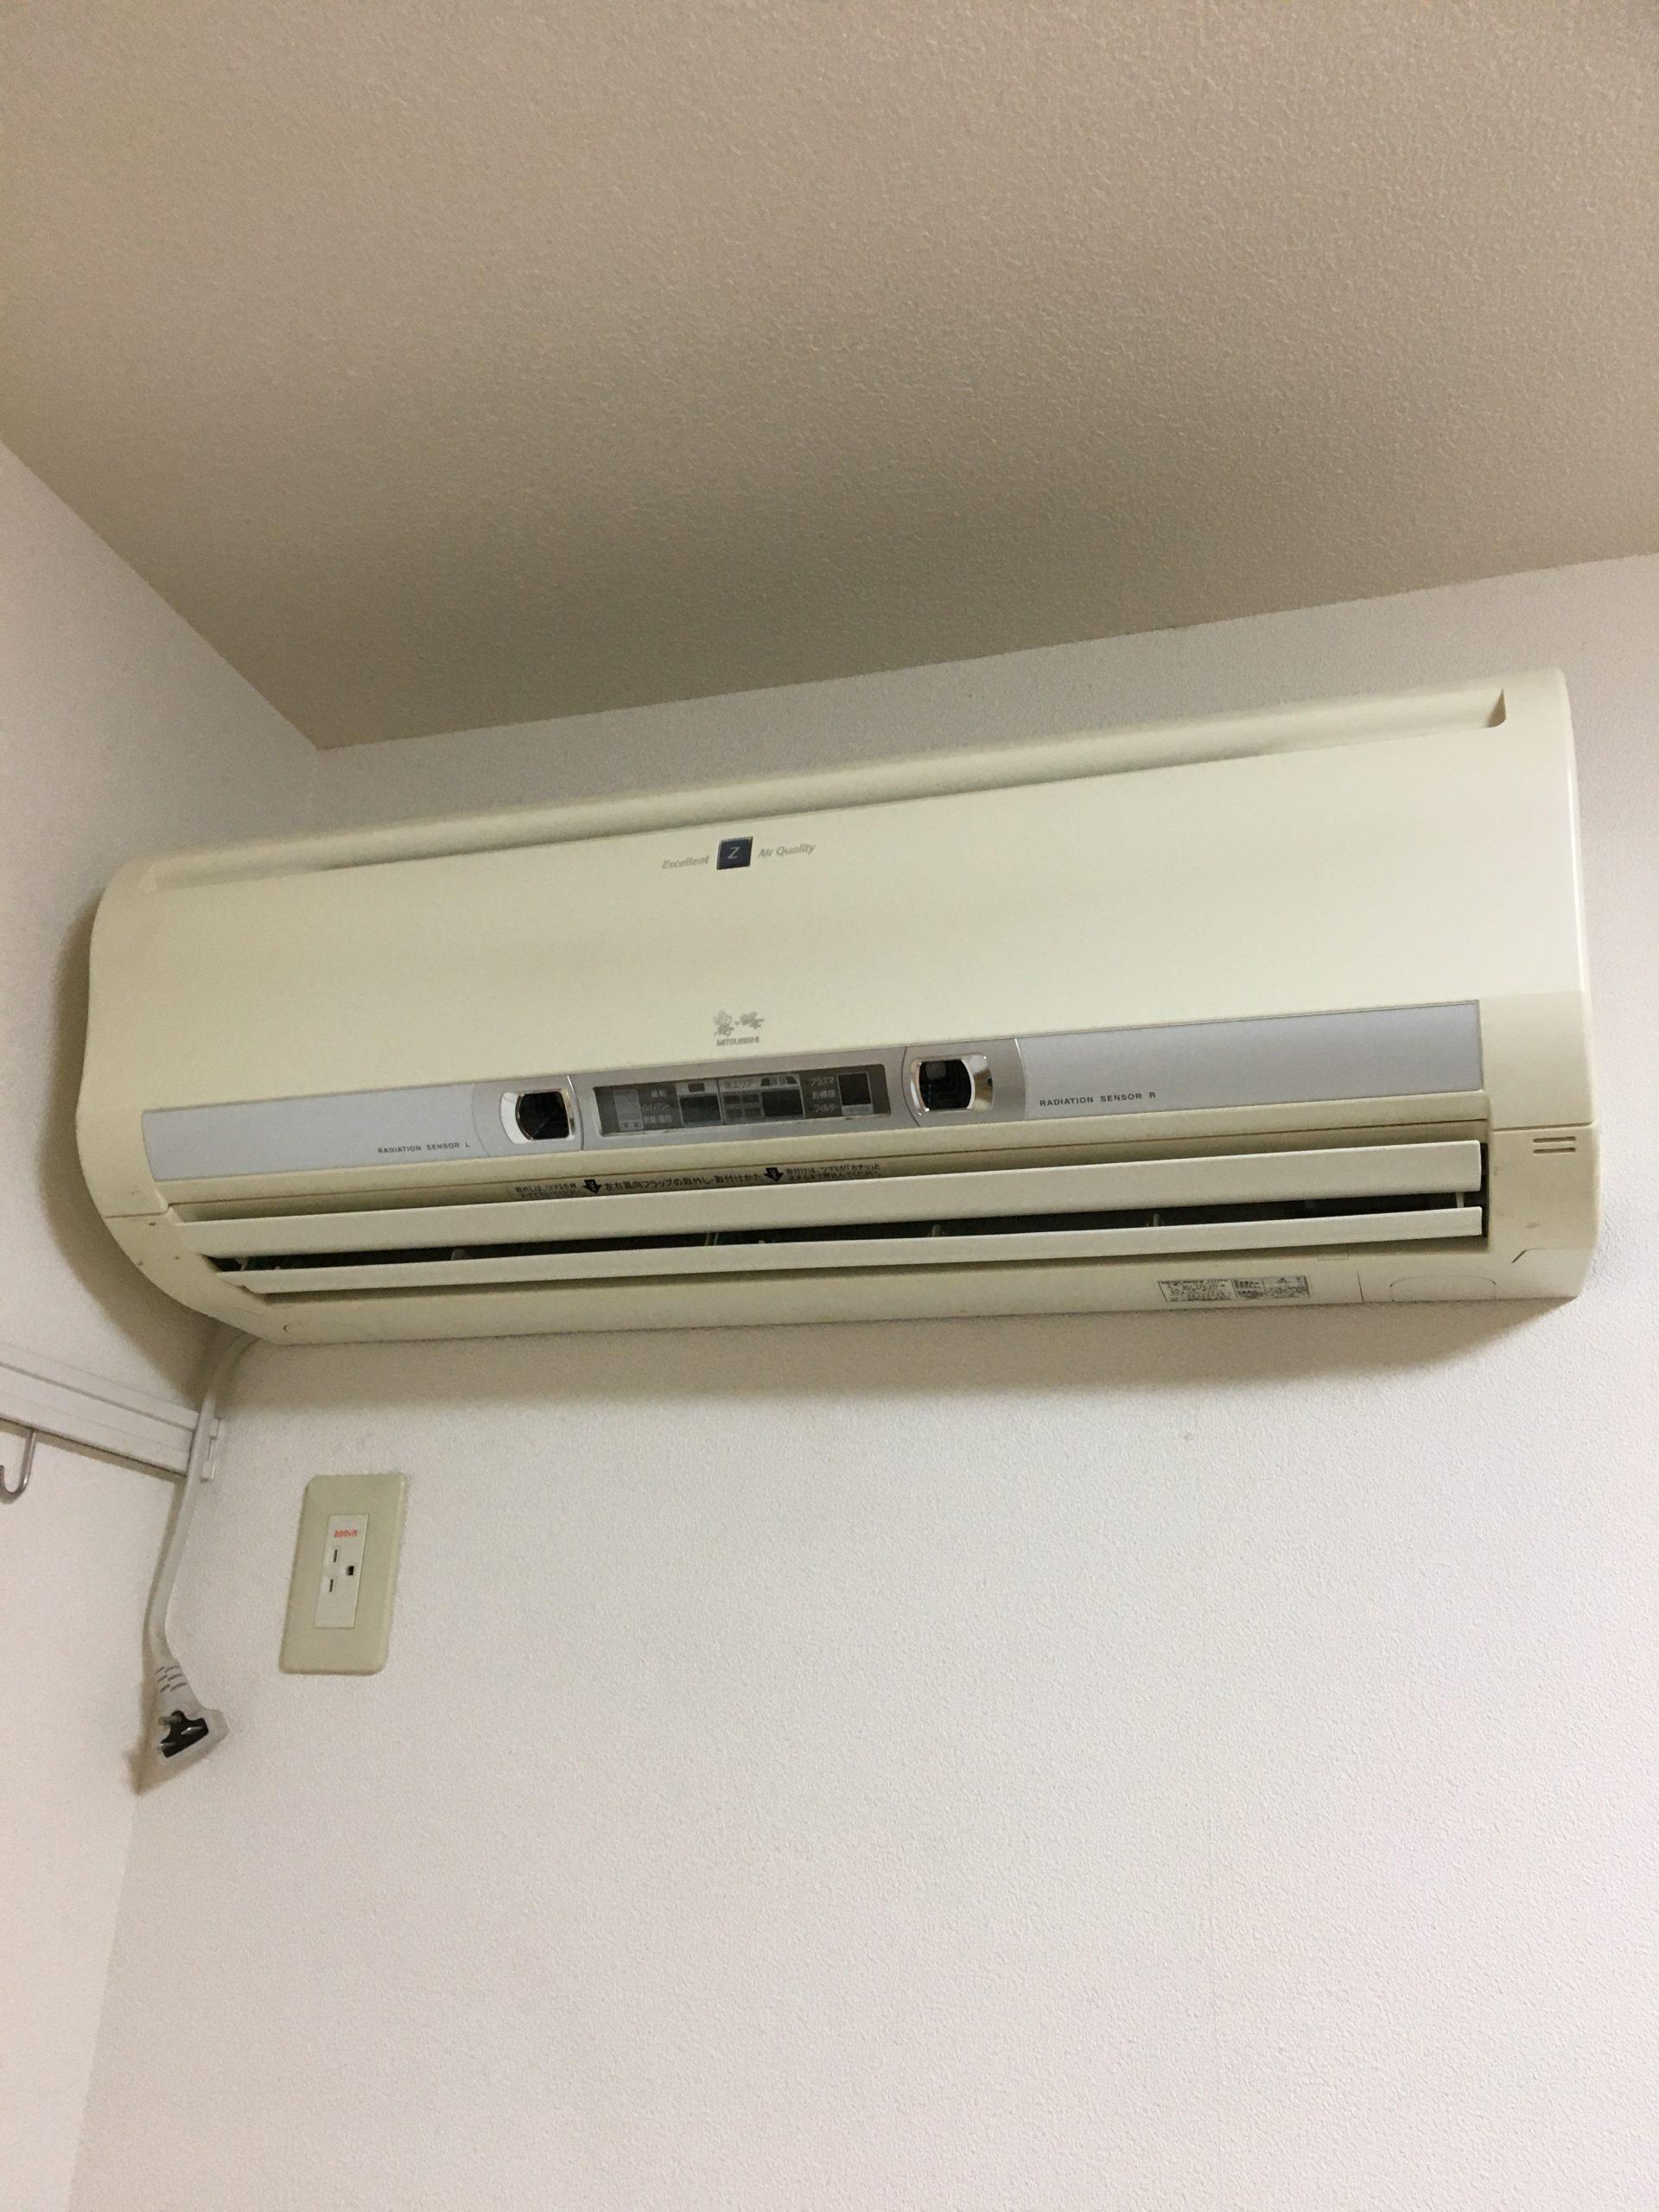 滋賀県近江八幡市の賃貸アパートのエアコン移設作業/使えるものは安く移設して家庭の出費も効率よく!【ご依頼】